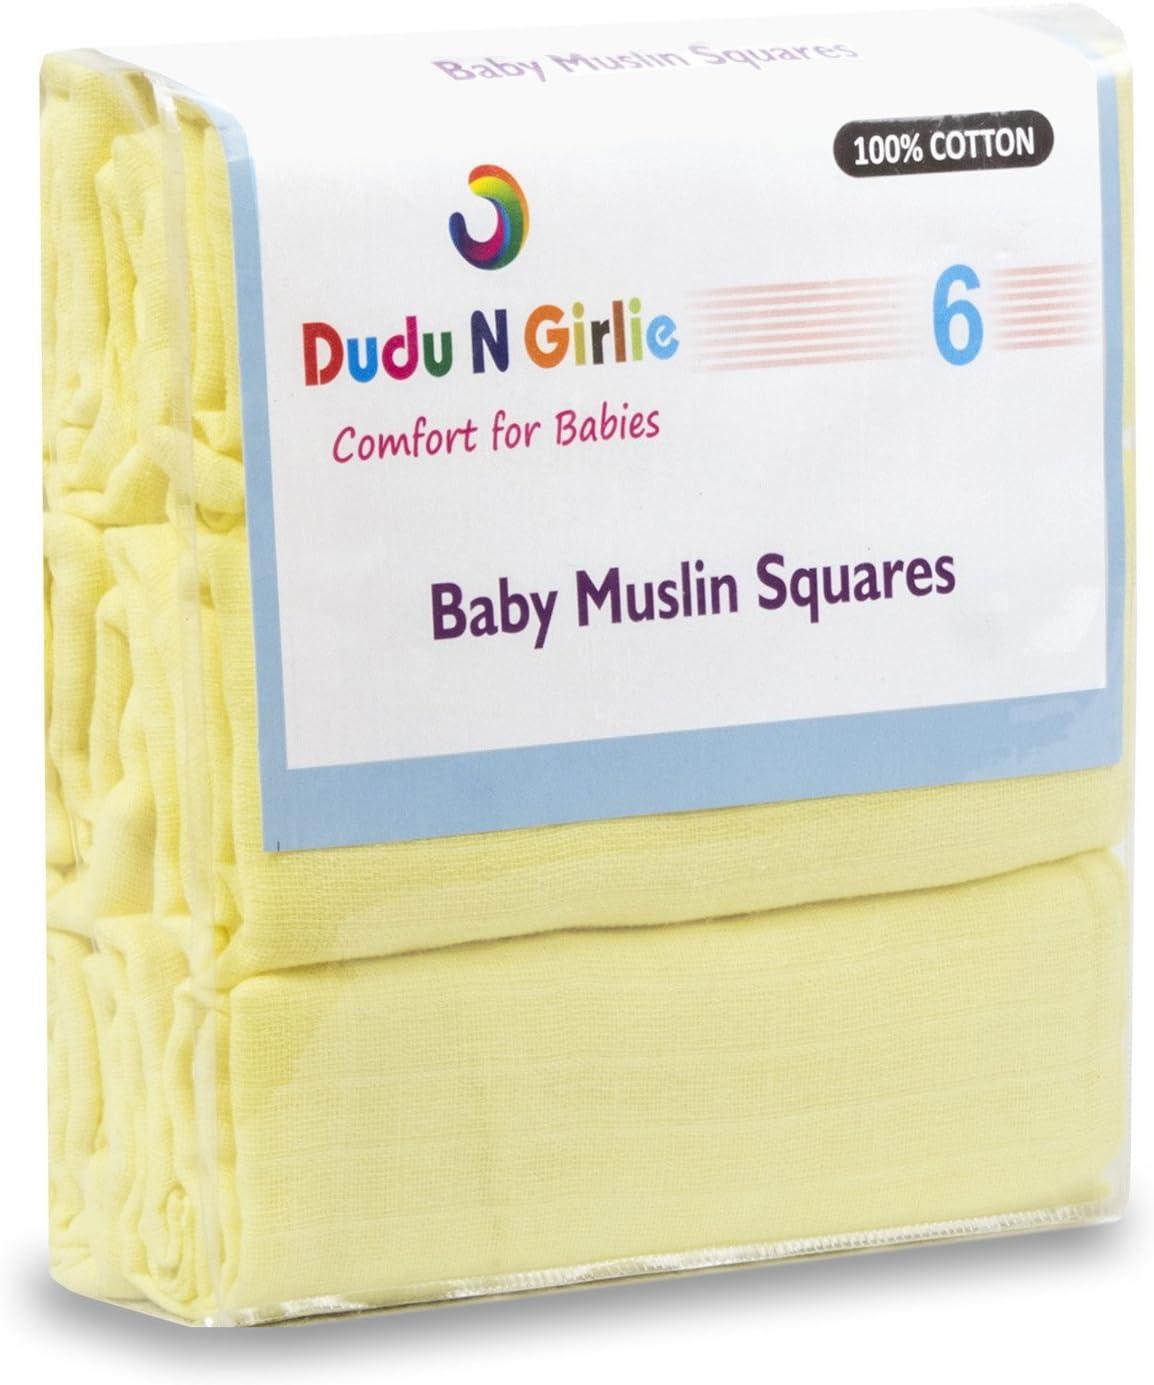 Dudu N Girlie 100/% algod/ón beb/é pa/ñuelos cuadrados de muselina color rosa 70/cm x 70/cm 6/unidades